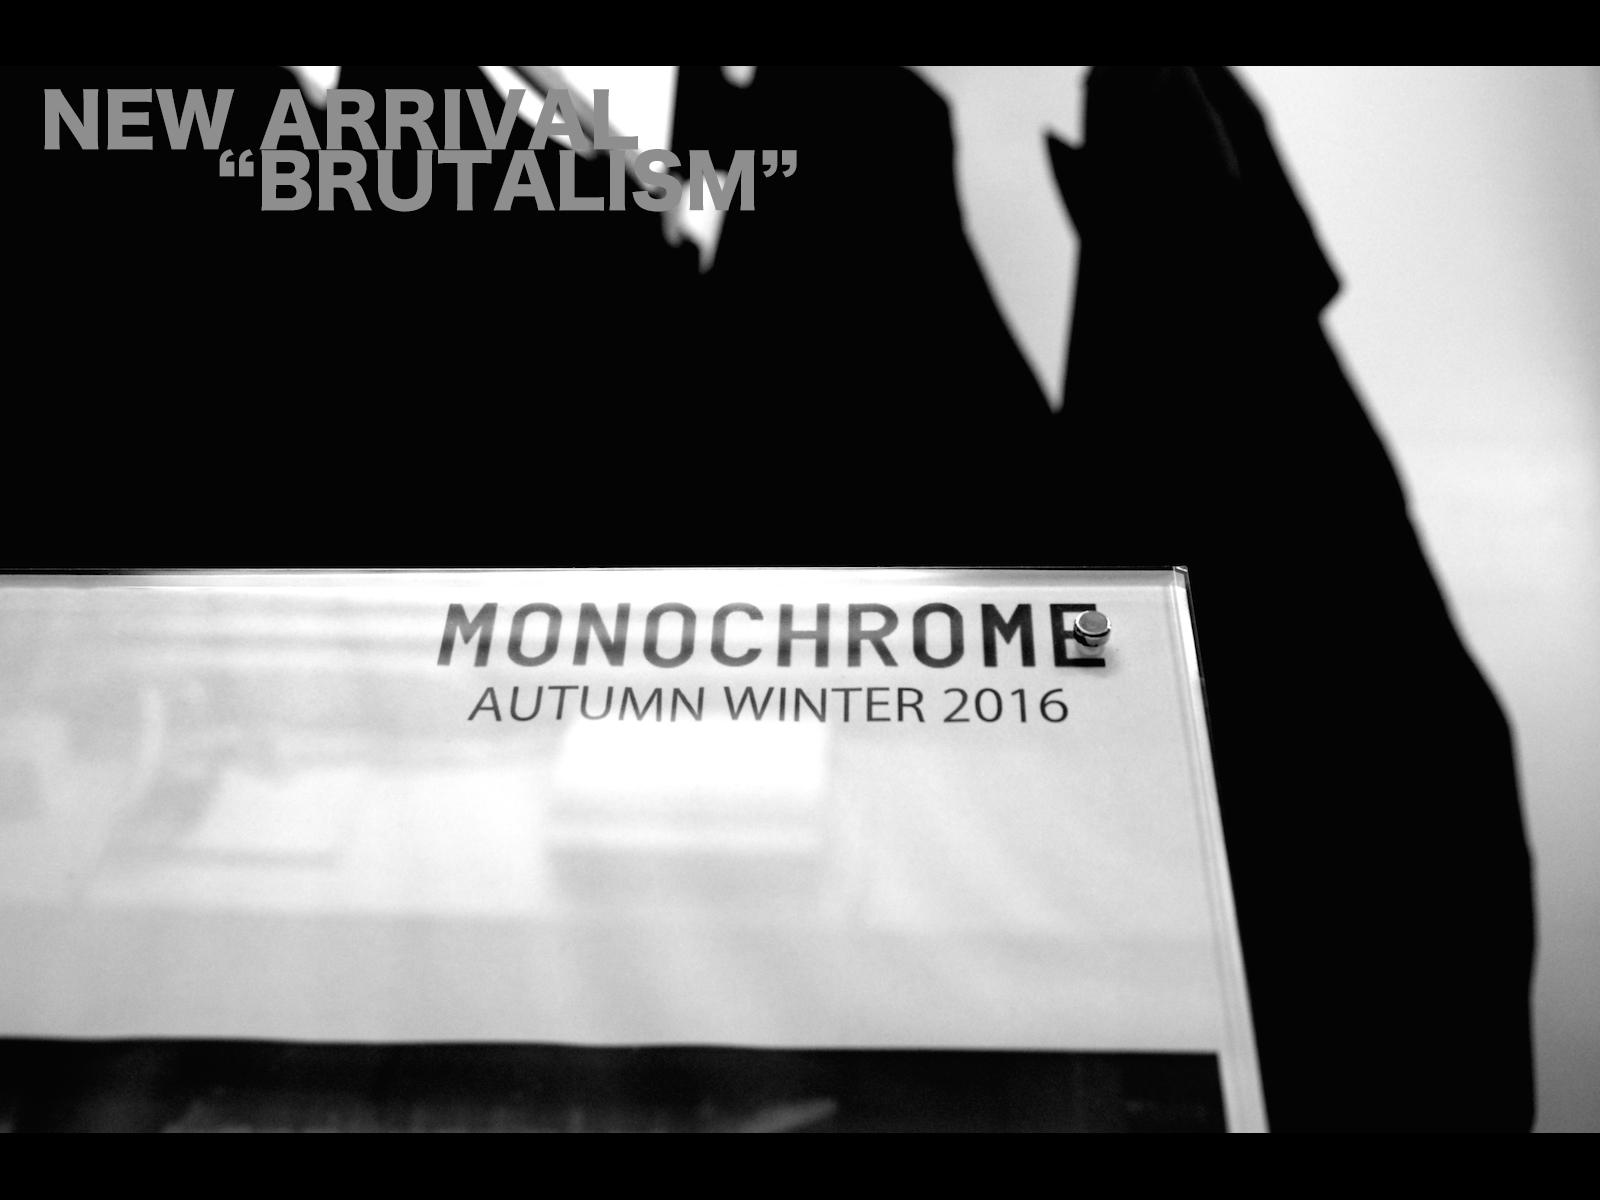 NEW ARRIVAL – MONOCHROME AUTUMN/WINTER 2016